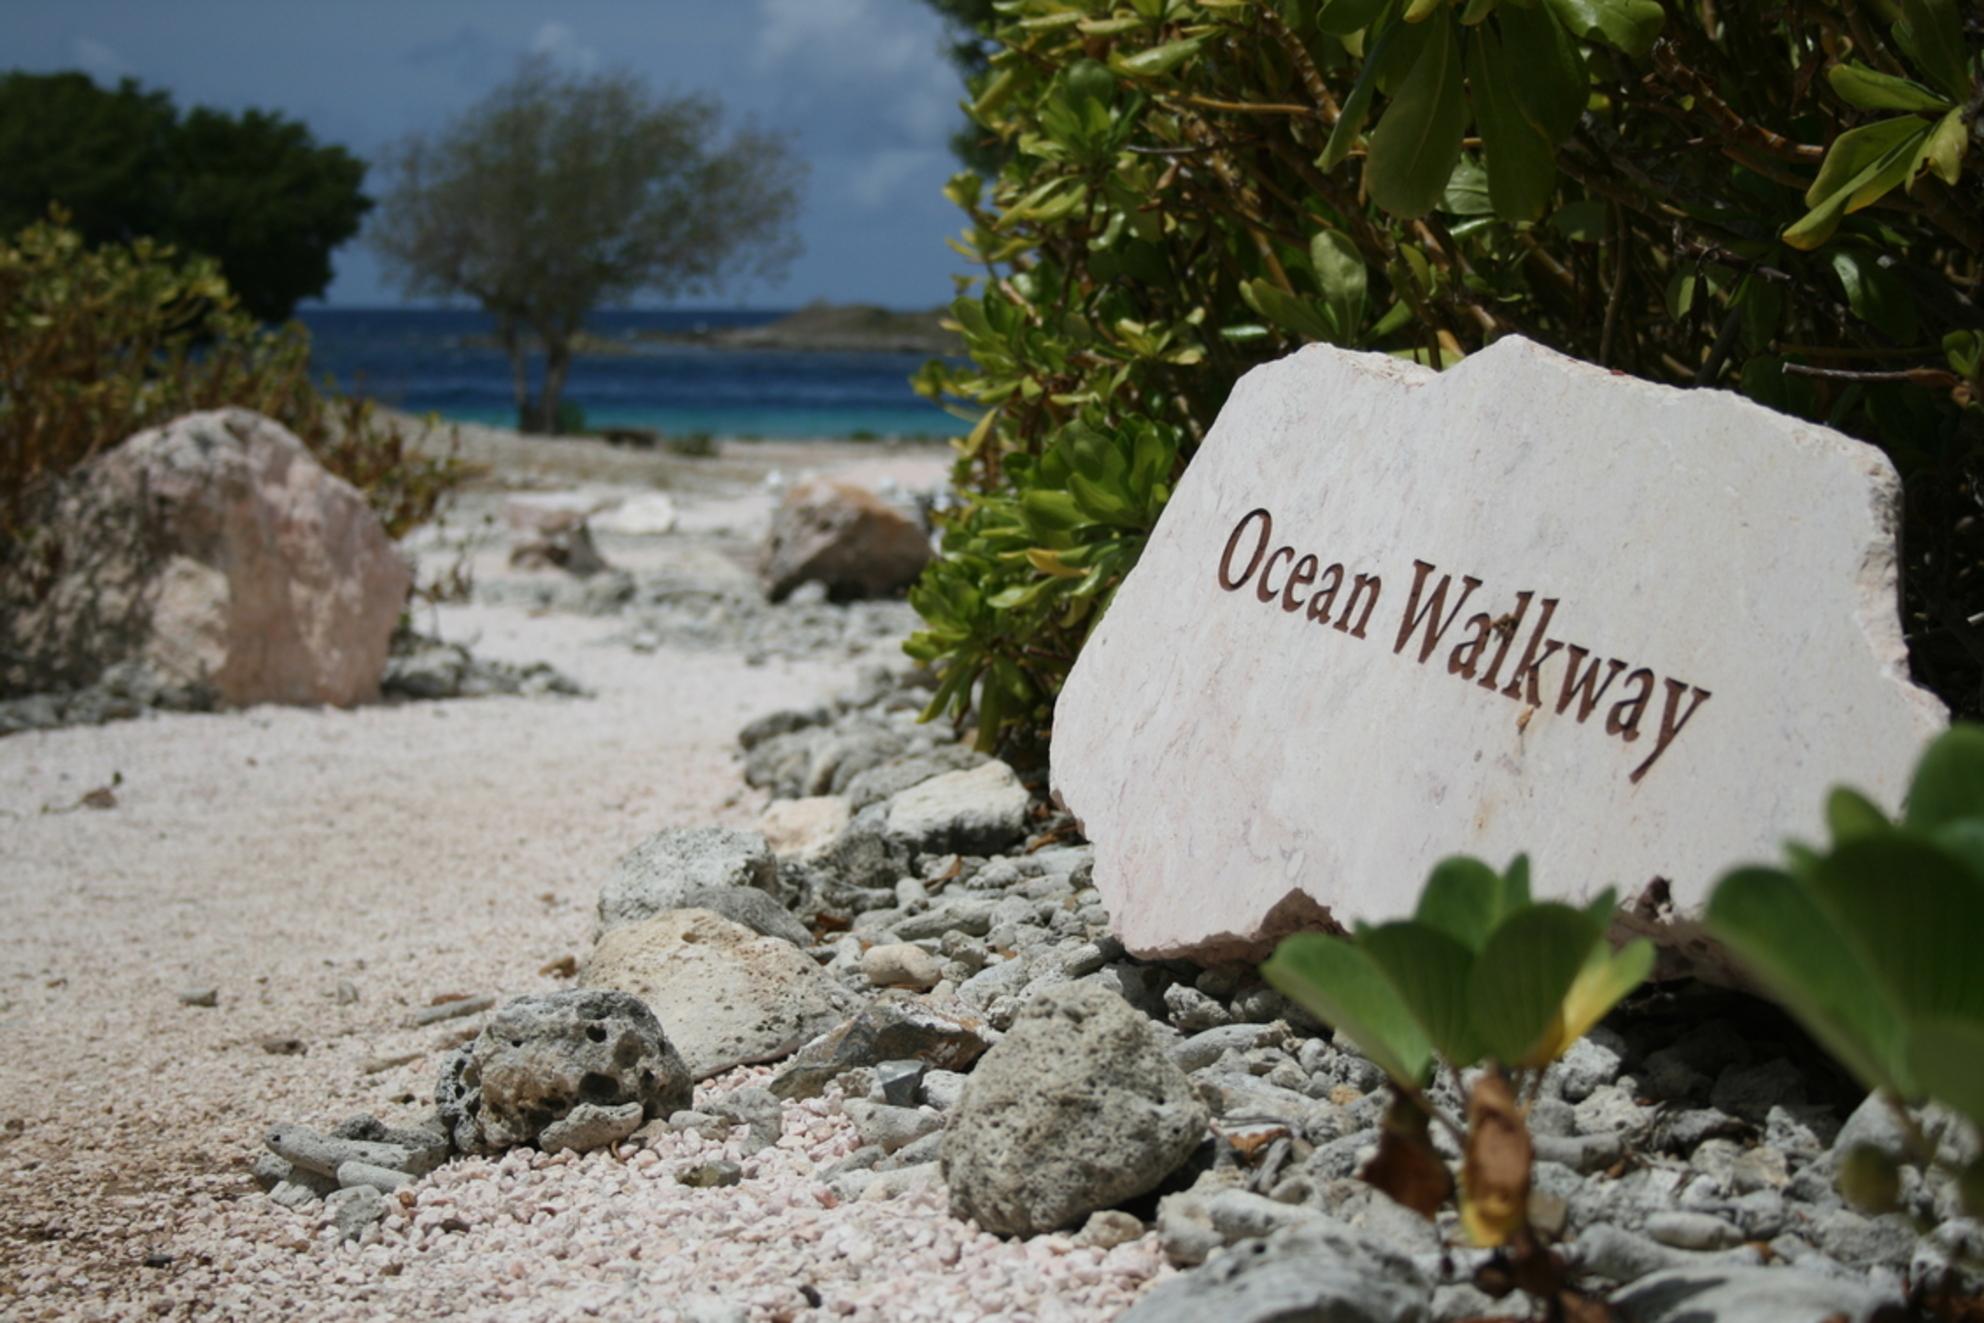 Ocean walkway - - - foto door barryvanstrien op 07-08-2015 - deze foto bevat: zon, strand, zee, vakantie, landschap, zomer, beach, curacao, oceaan, caribbean, caraçao - Deze foto mag gebruikt worden in een Zoom.nl publicatie